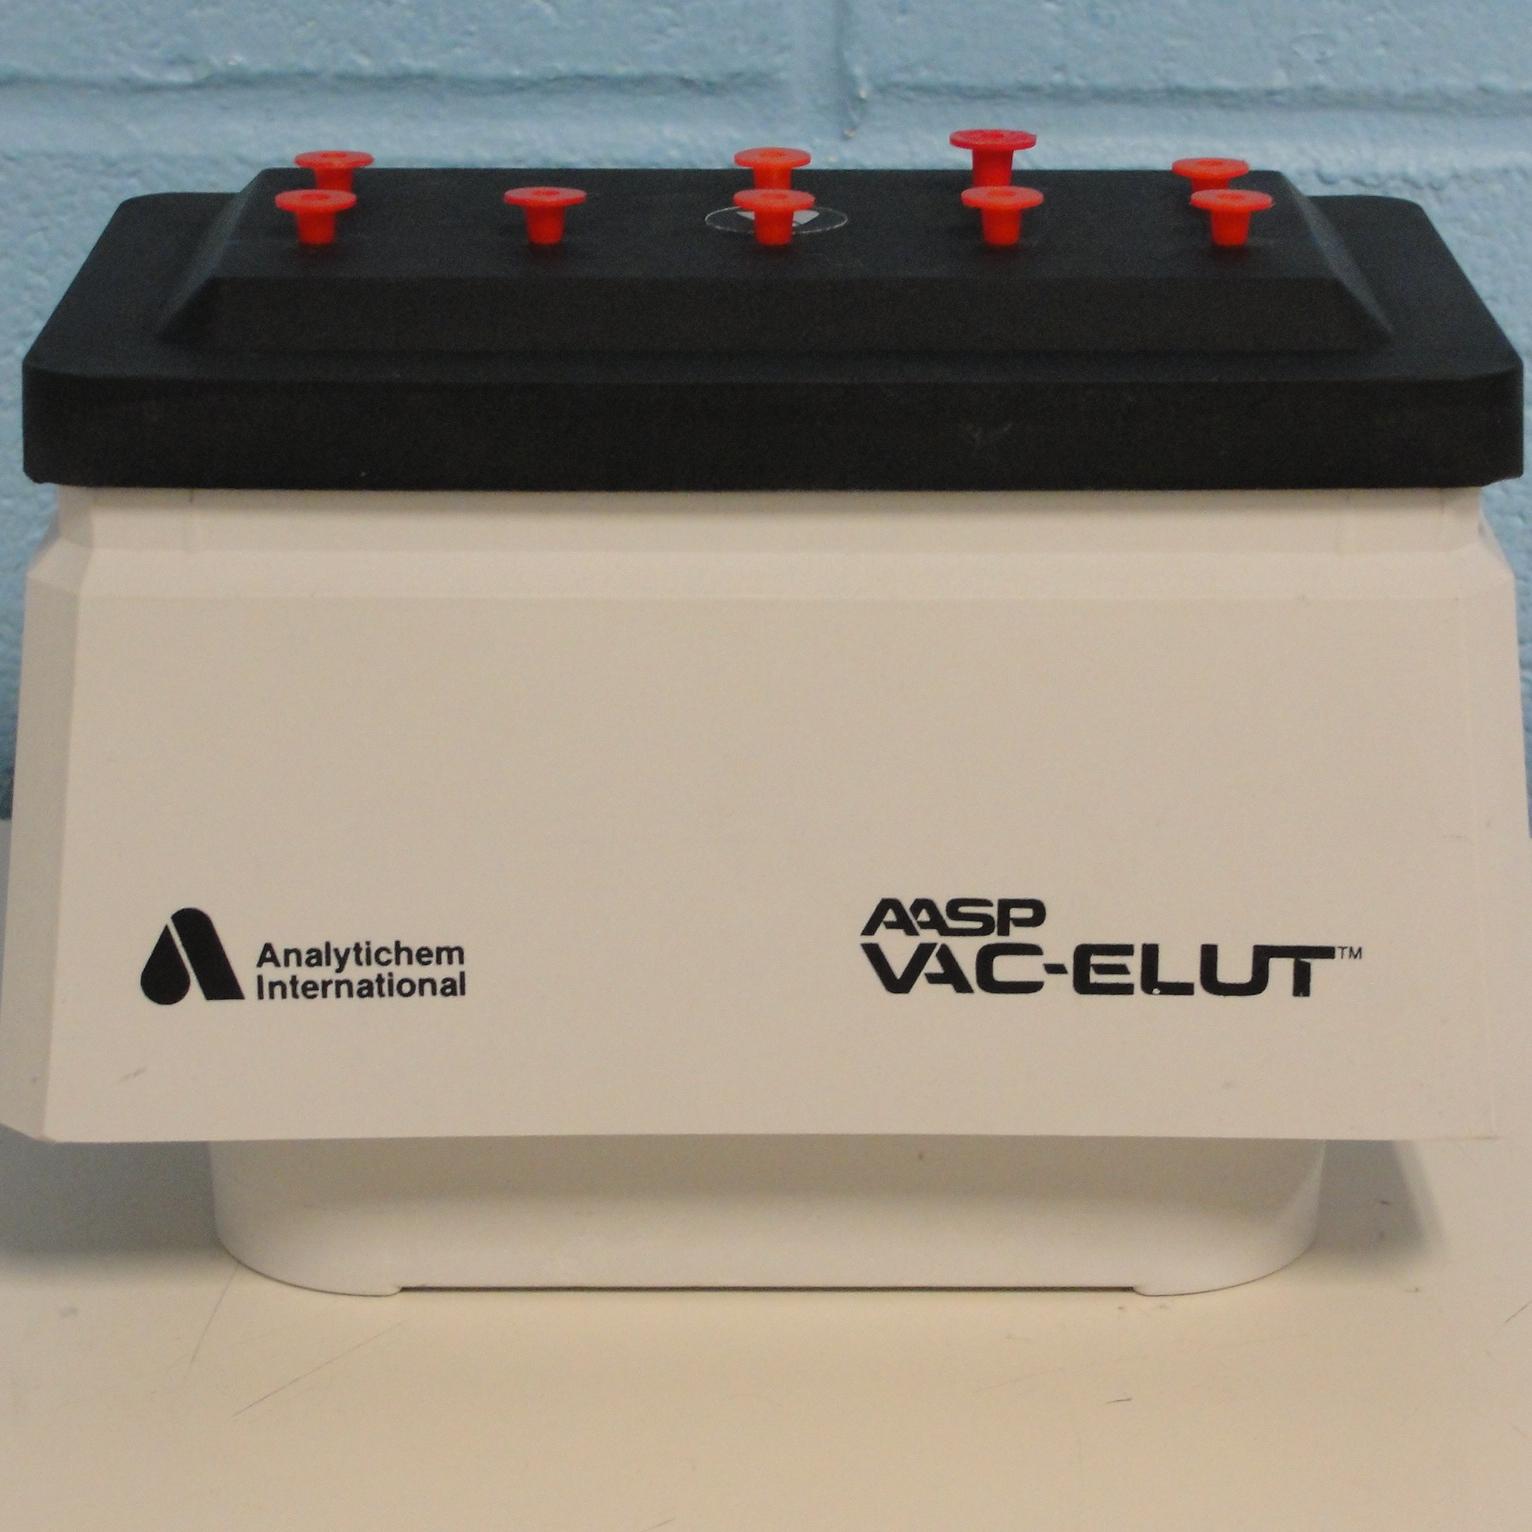 AASP Vac-Elut. Model AI 6000